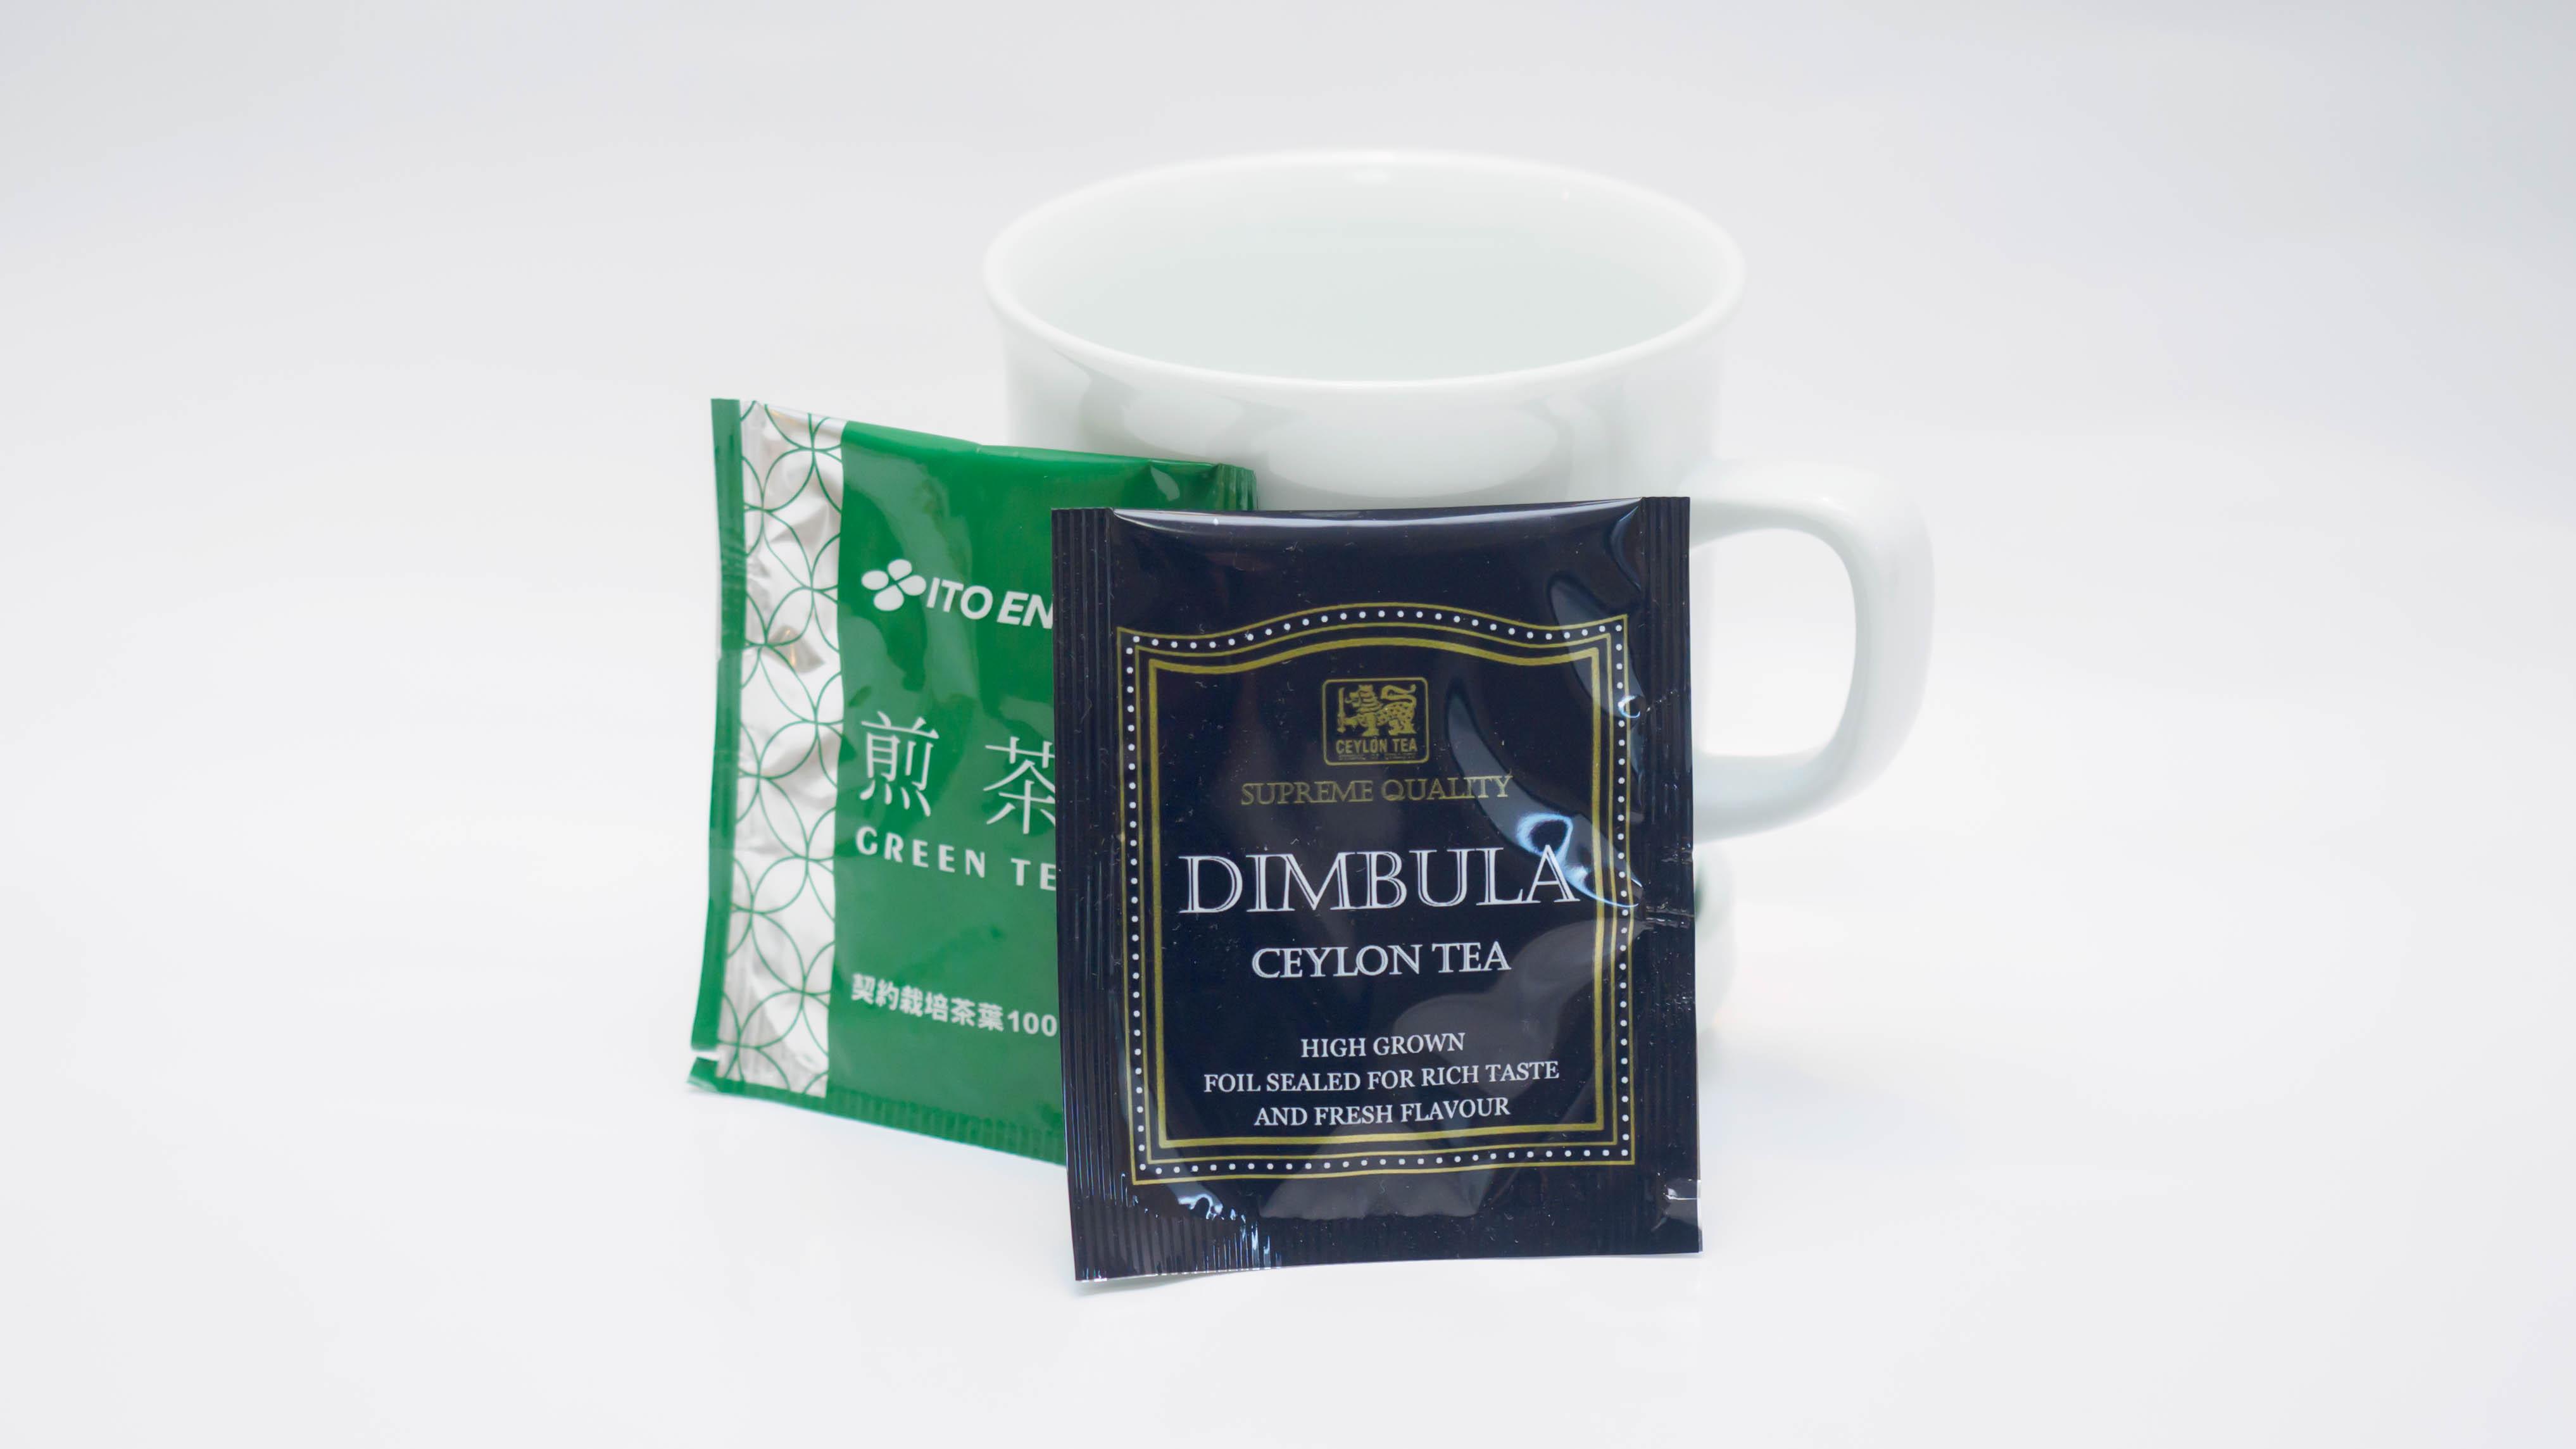 お部屋では煎茶・紅茶をお楽しみいただけます。ゆったりとお寛ぎくださいませ。